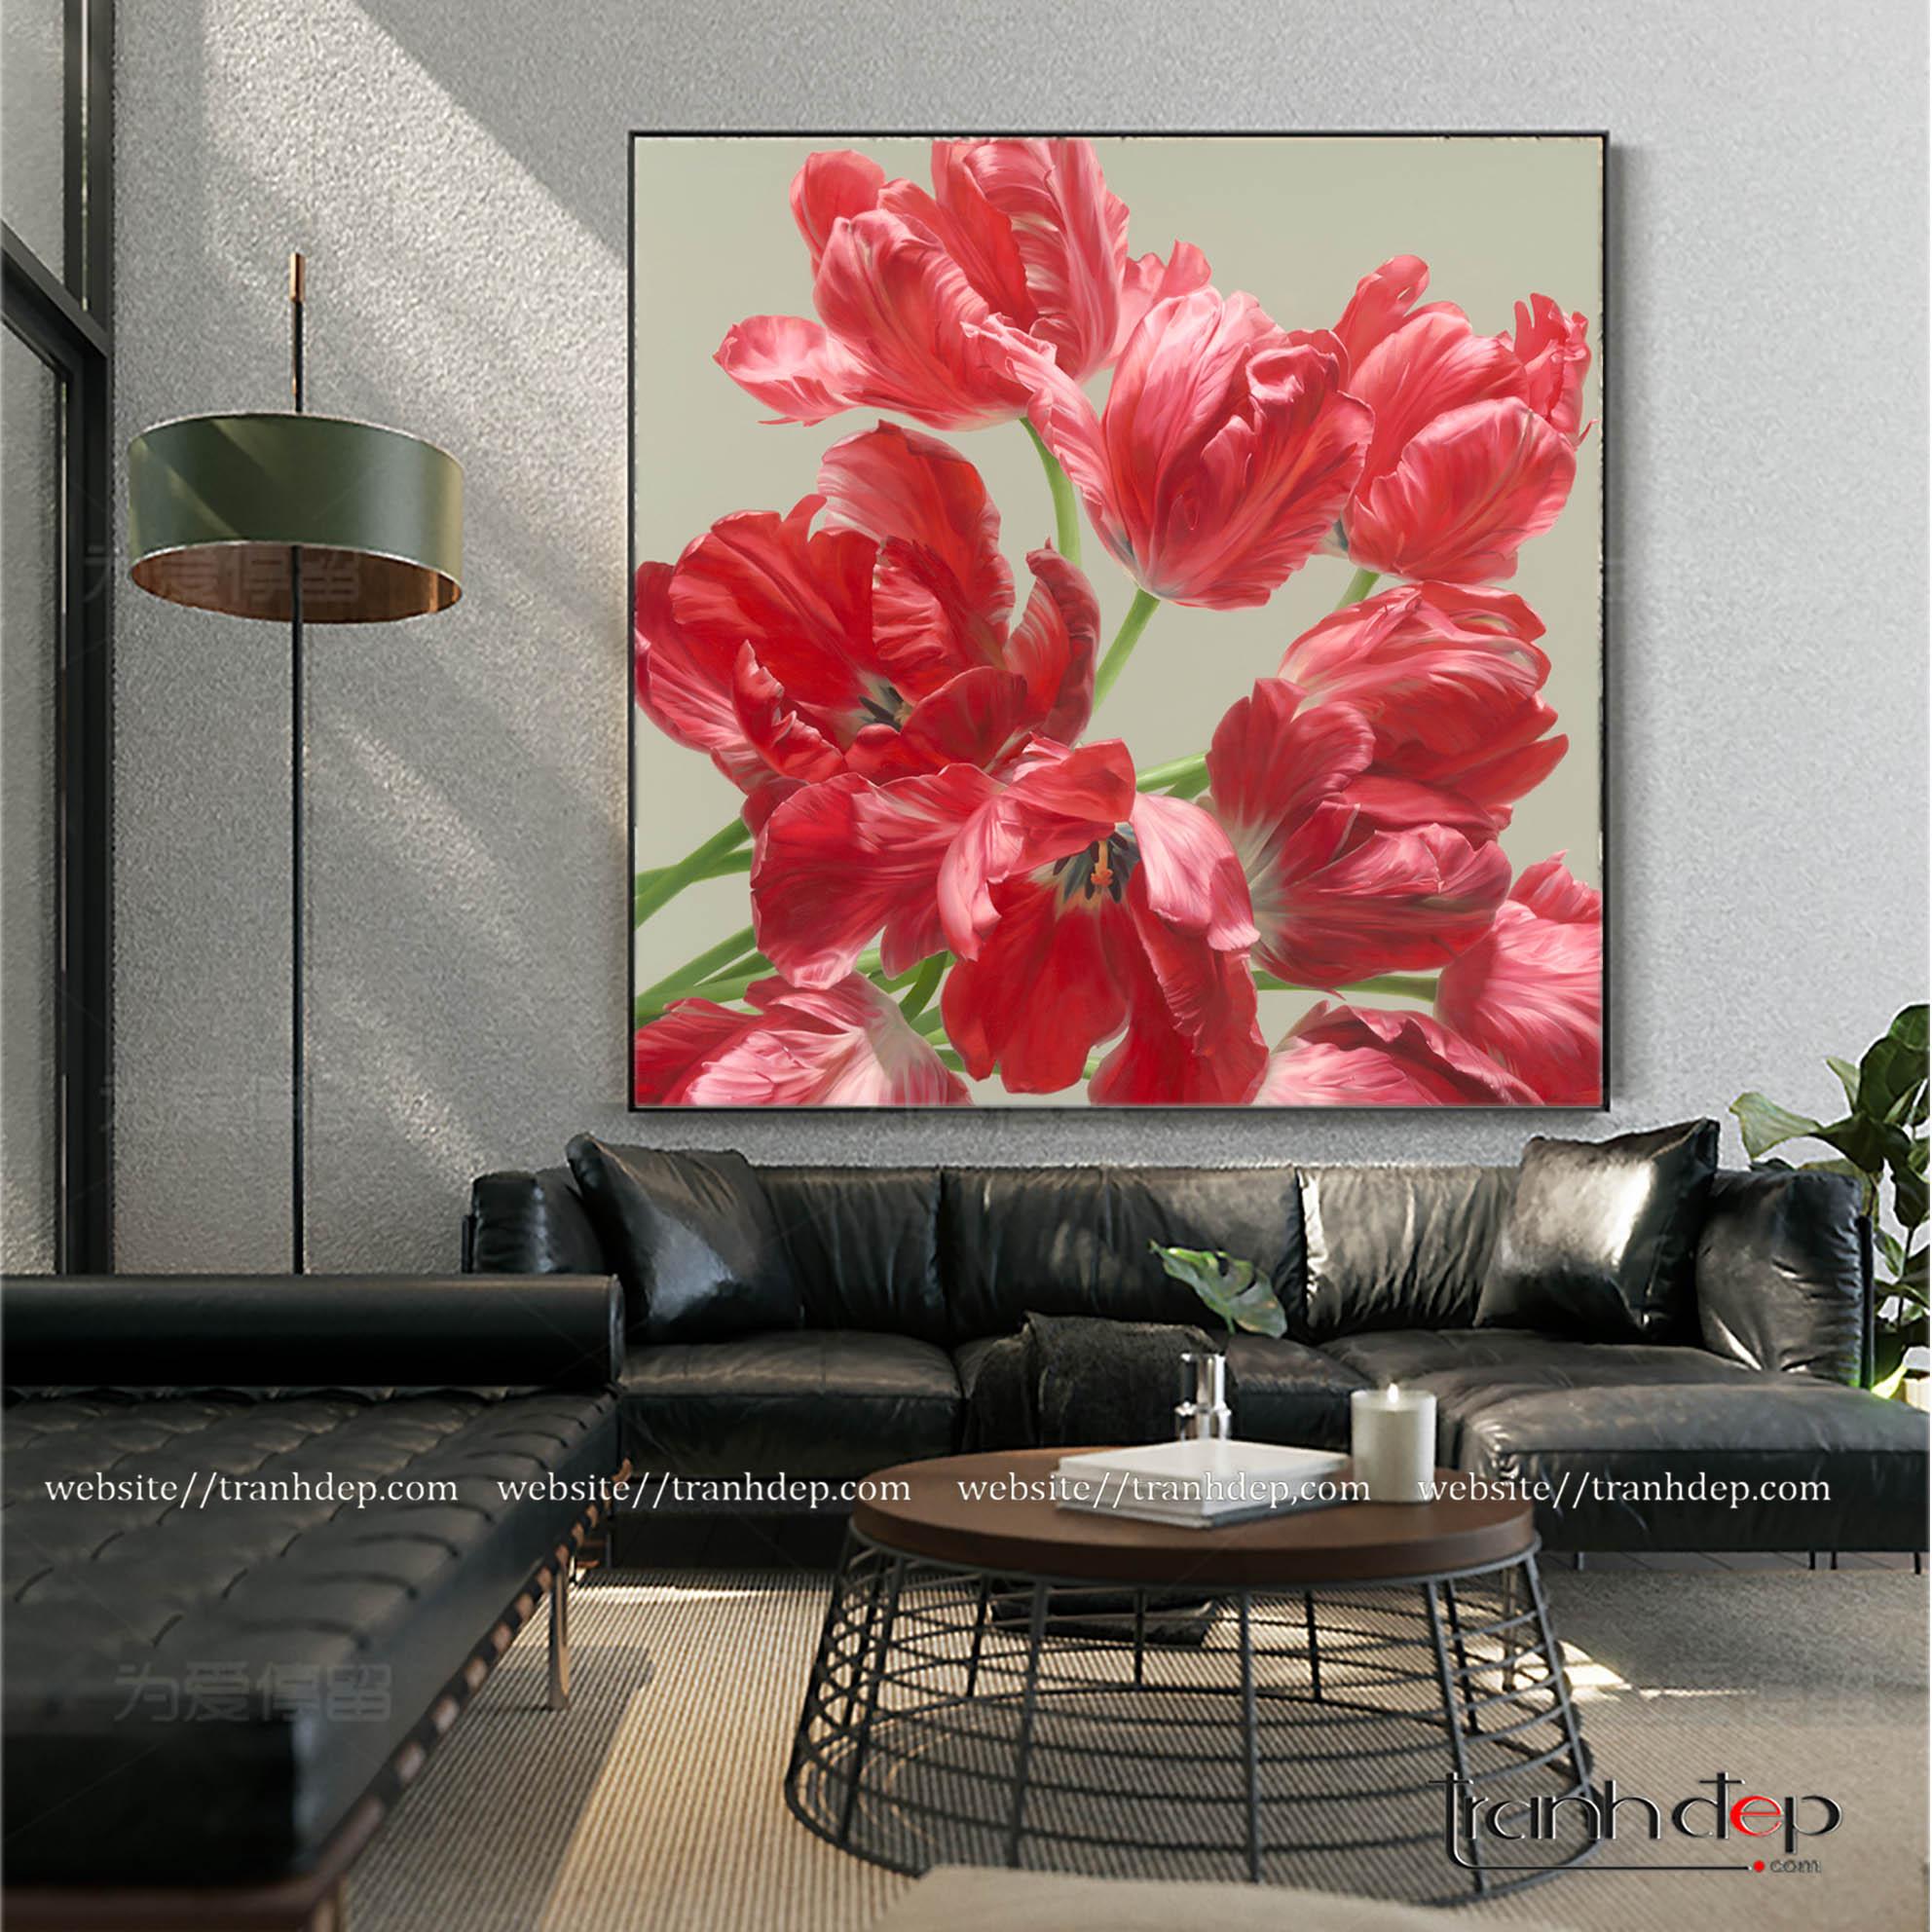 Tranh hoa tulip màu đỏ